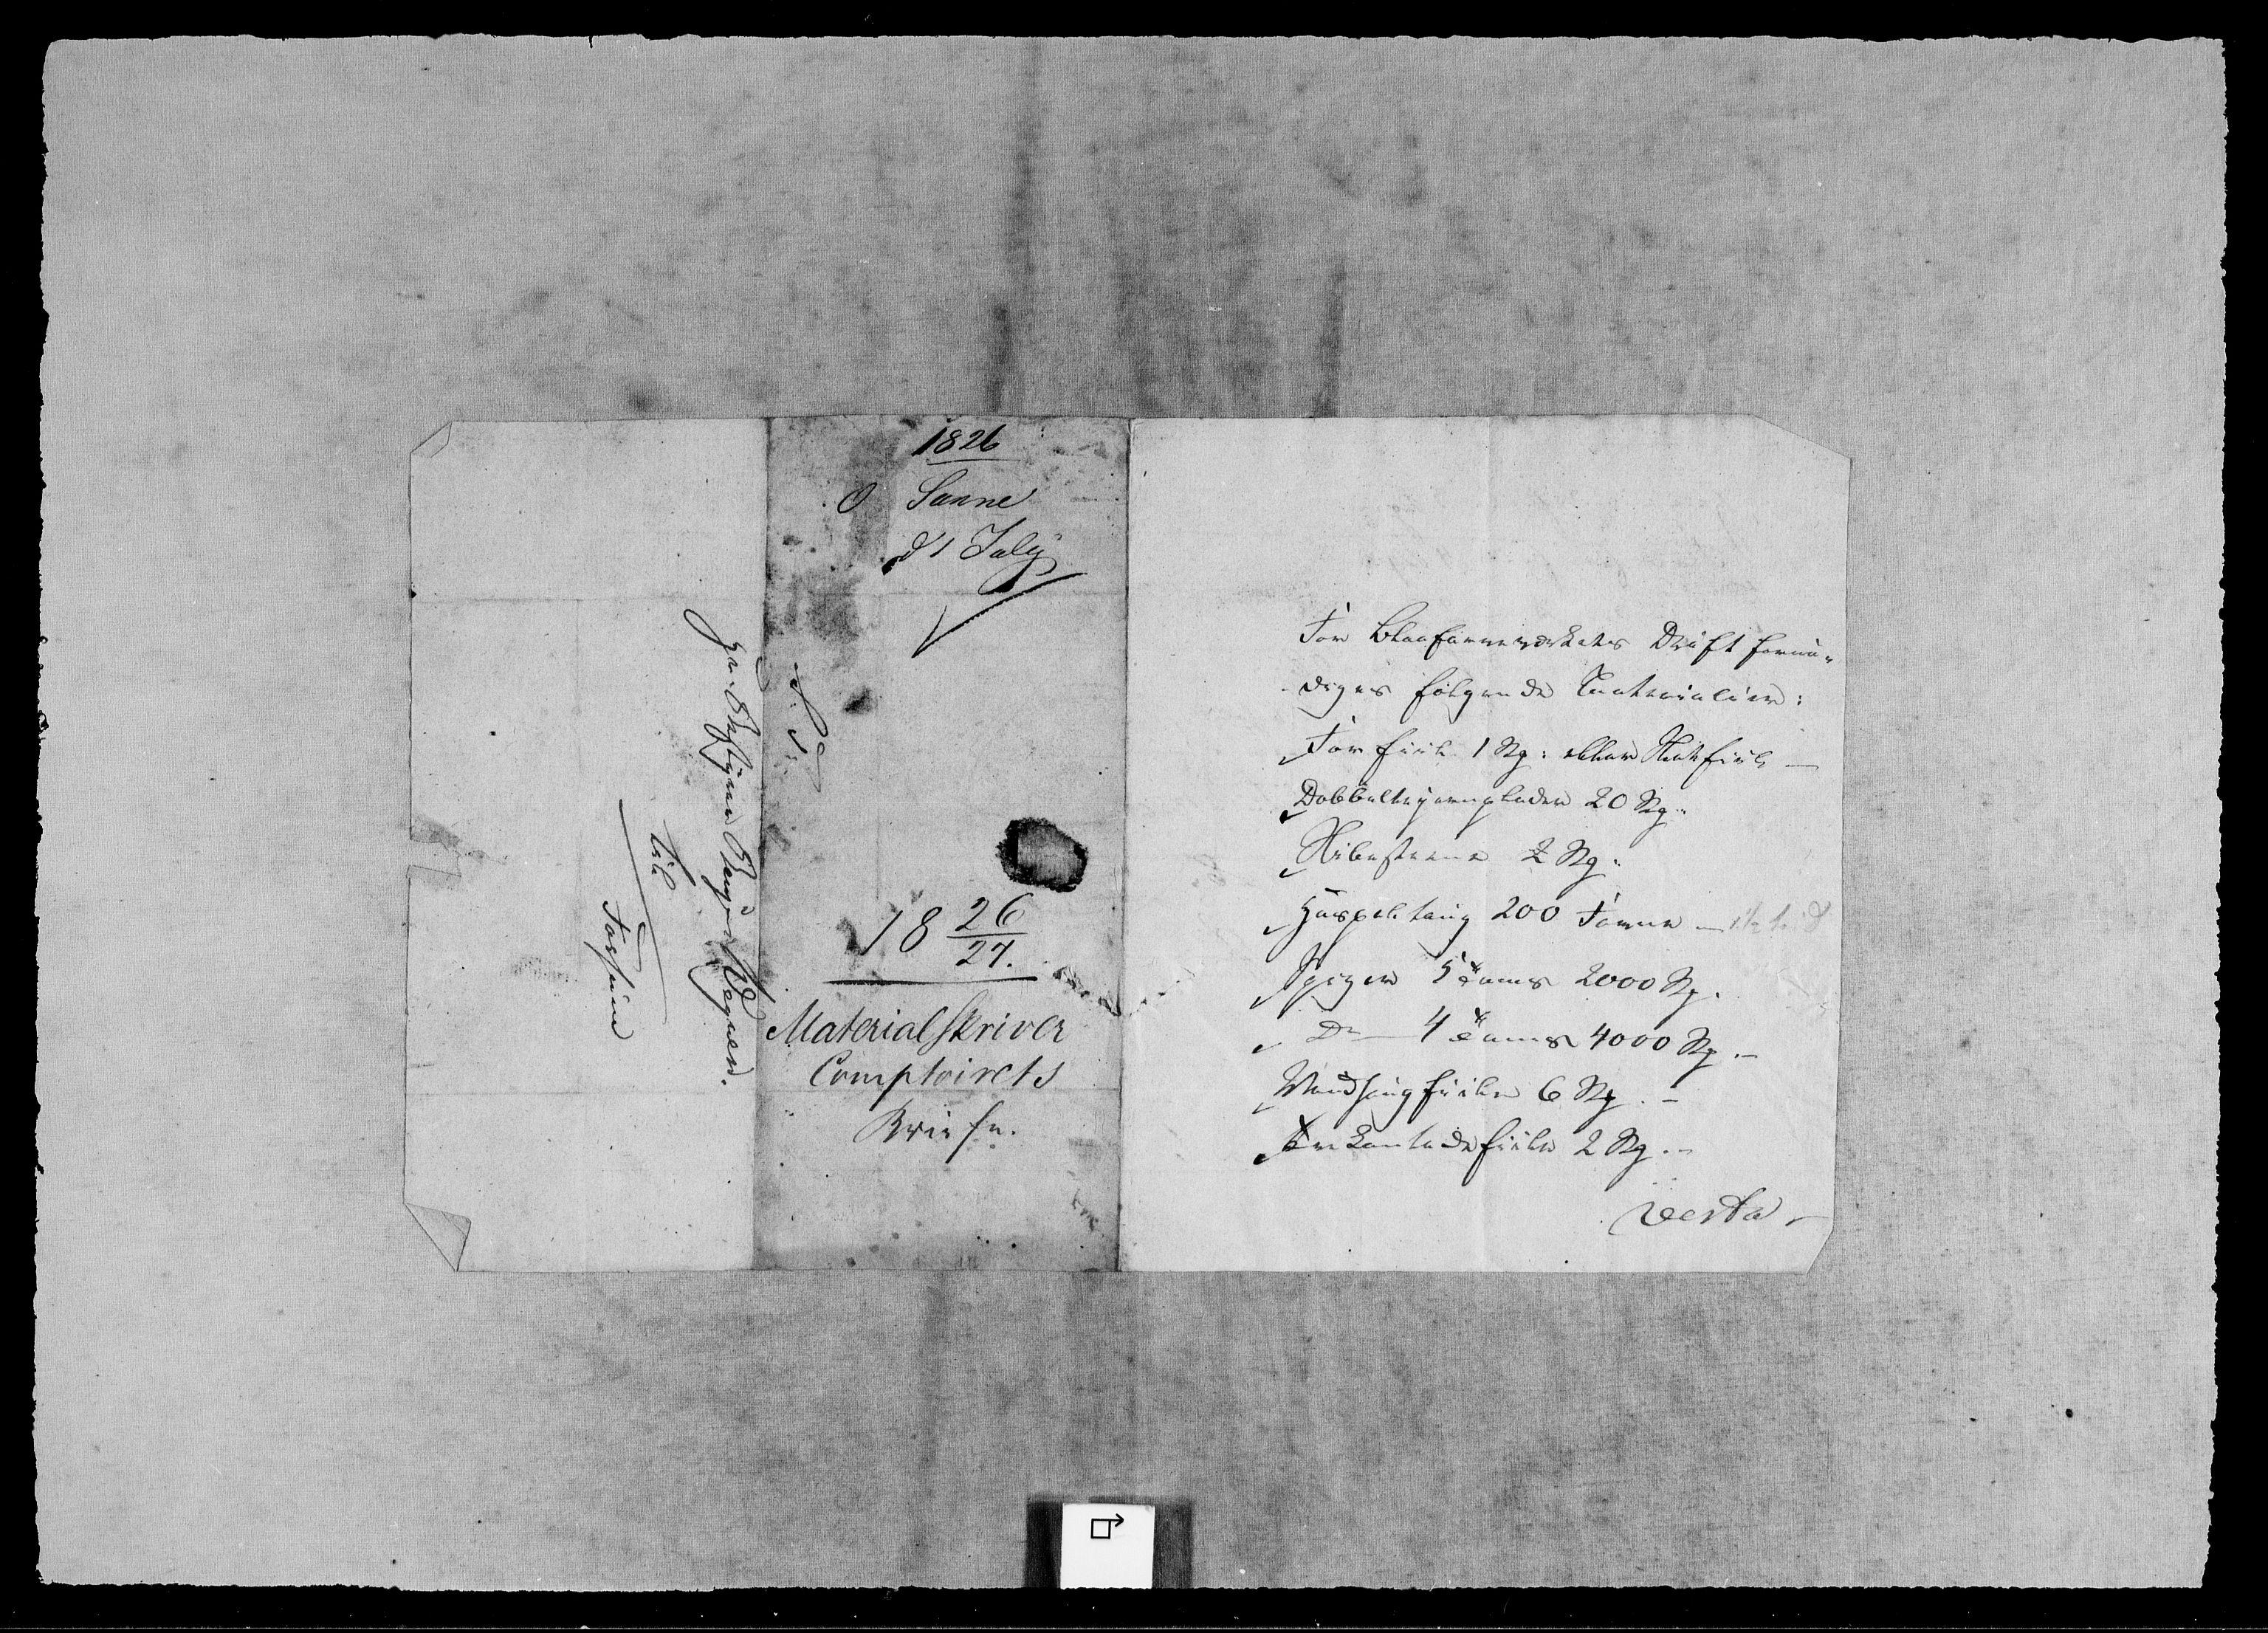 RA, Modums Blaafarveværk, G/Gb/L0137, 1826-1829, s. 2